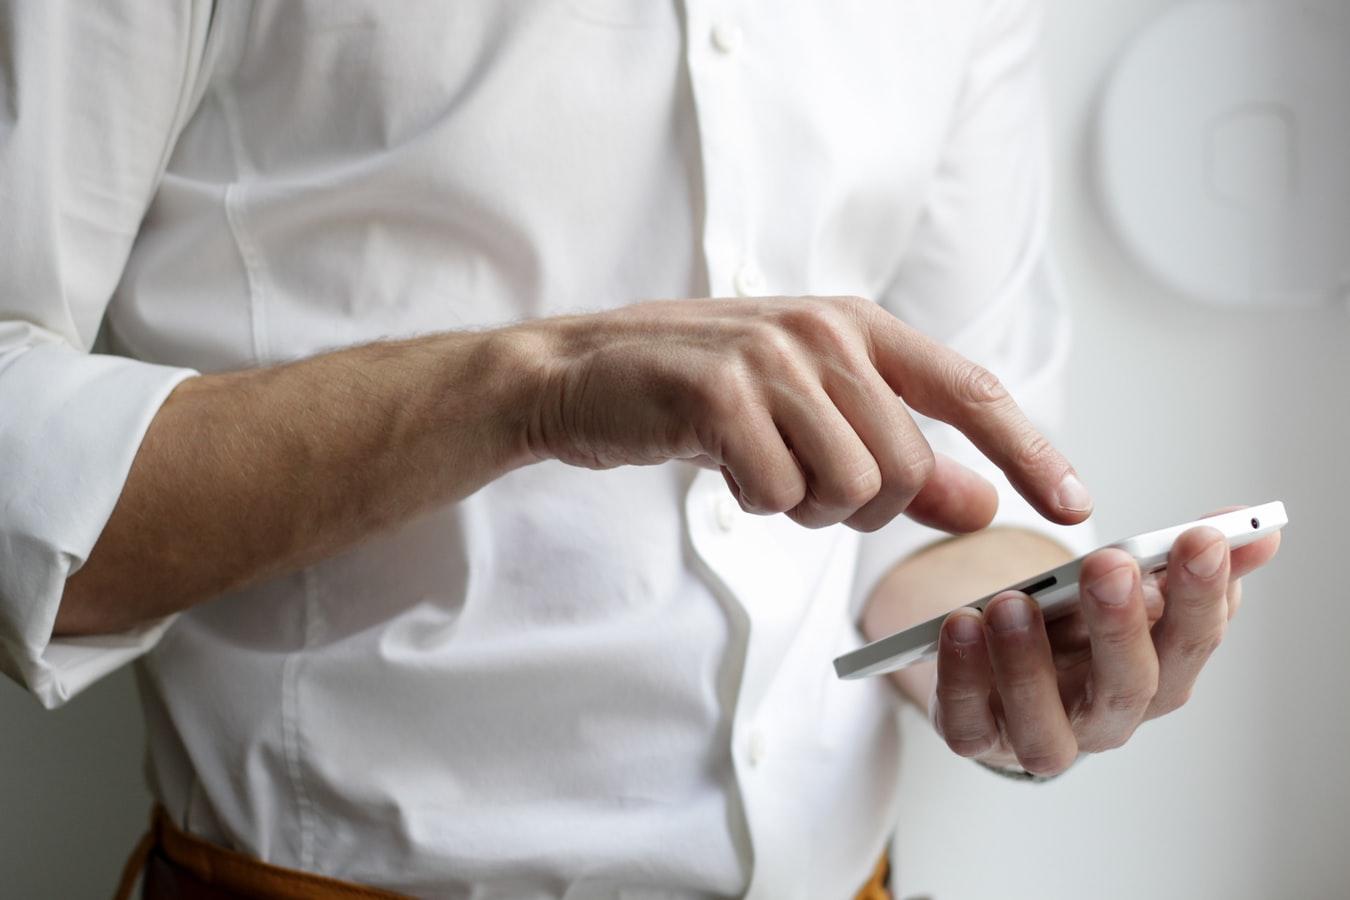 Para representar o mobile marketing, a imagem apresenta uma pessoa segurando seu smartphone, acessando aplicativos.